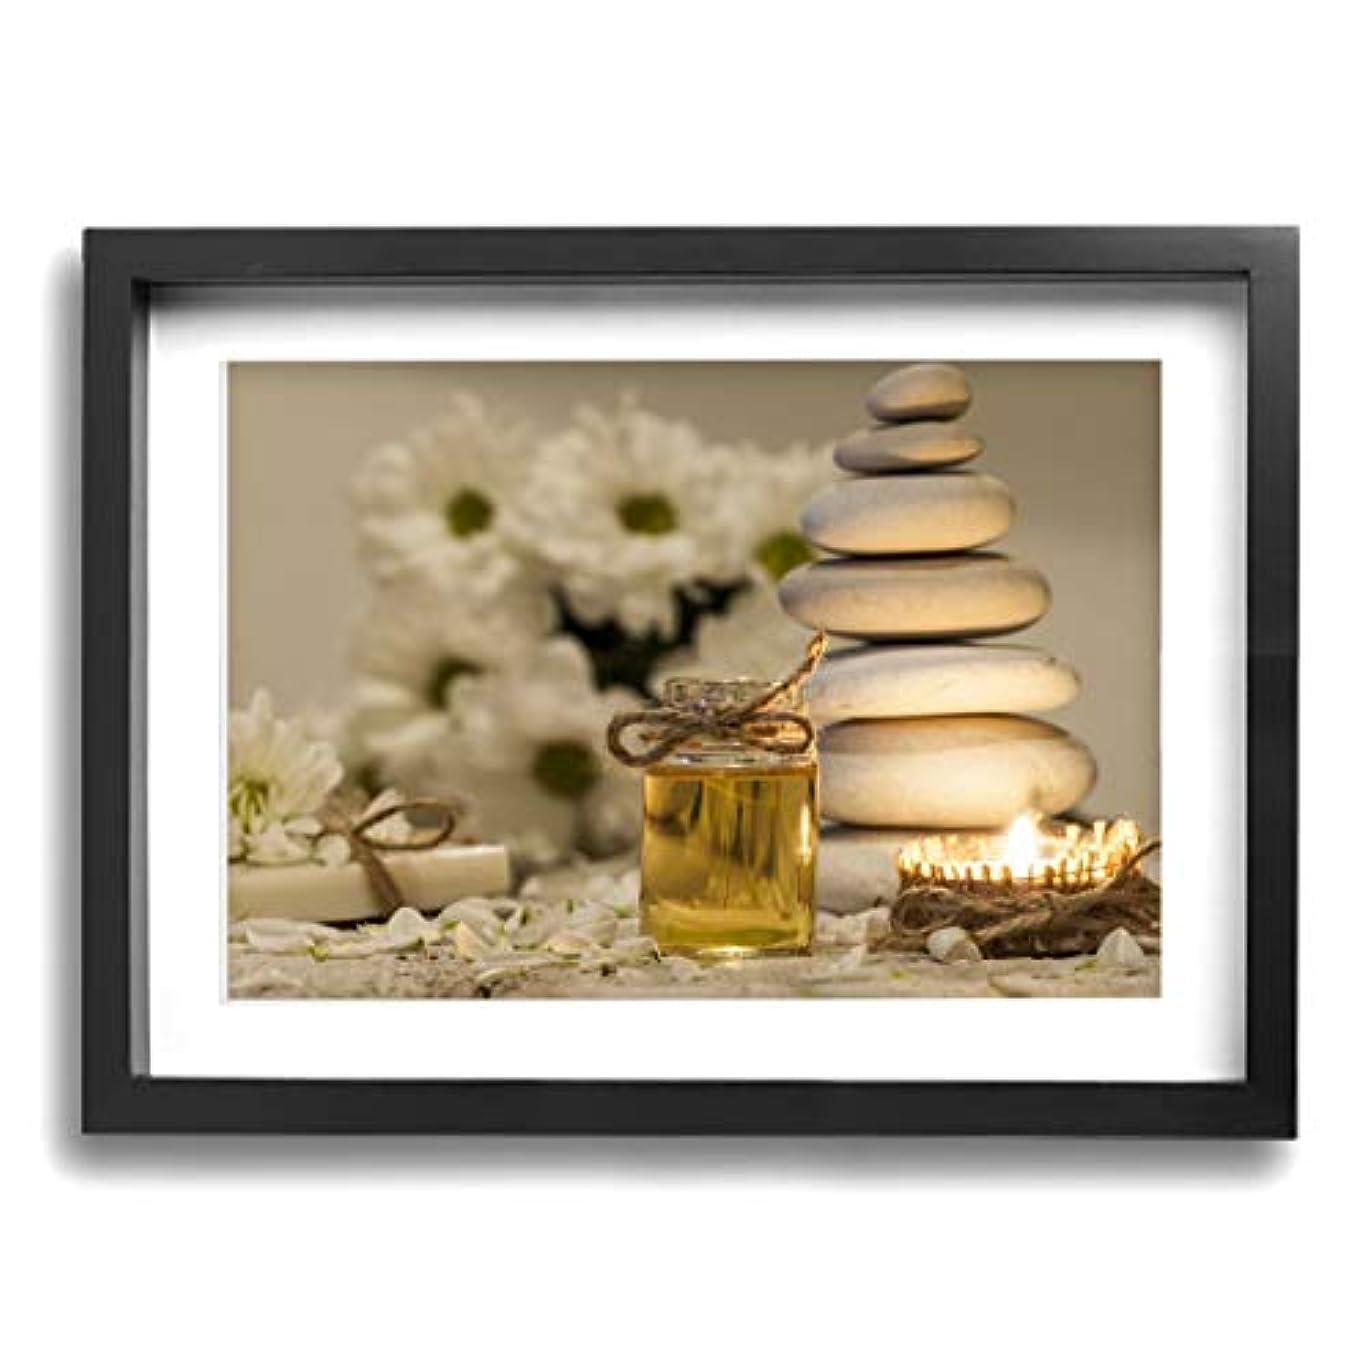 聖歌不幸傾く魅力的な芸術 30x40cm Chamomile Essential Oil Chamomile Flowers キャンバスの壁アート 画像プリント絵画リビングルームの壁の装飾と家の装飾のための現代アートワークハングする...